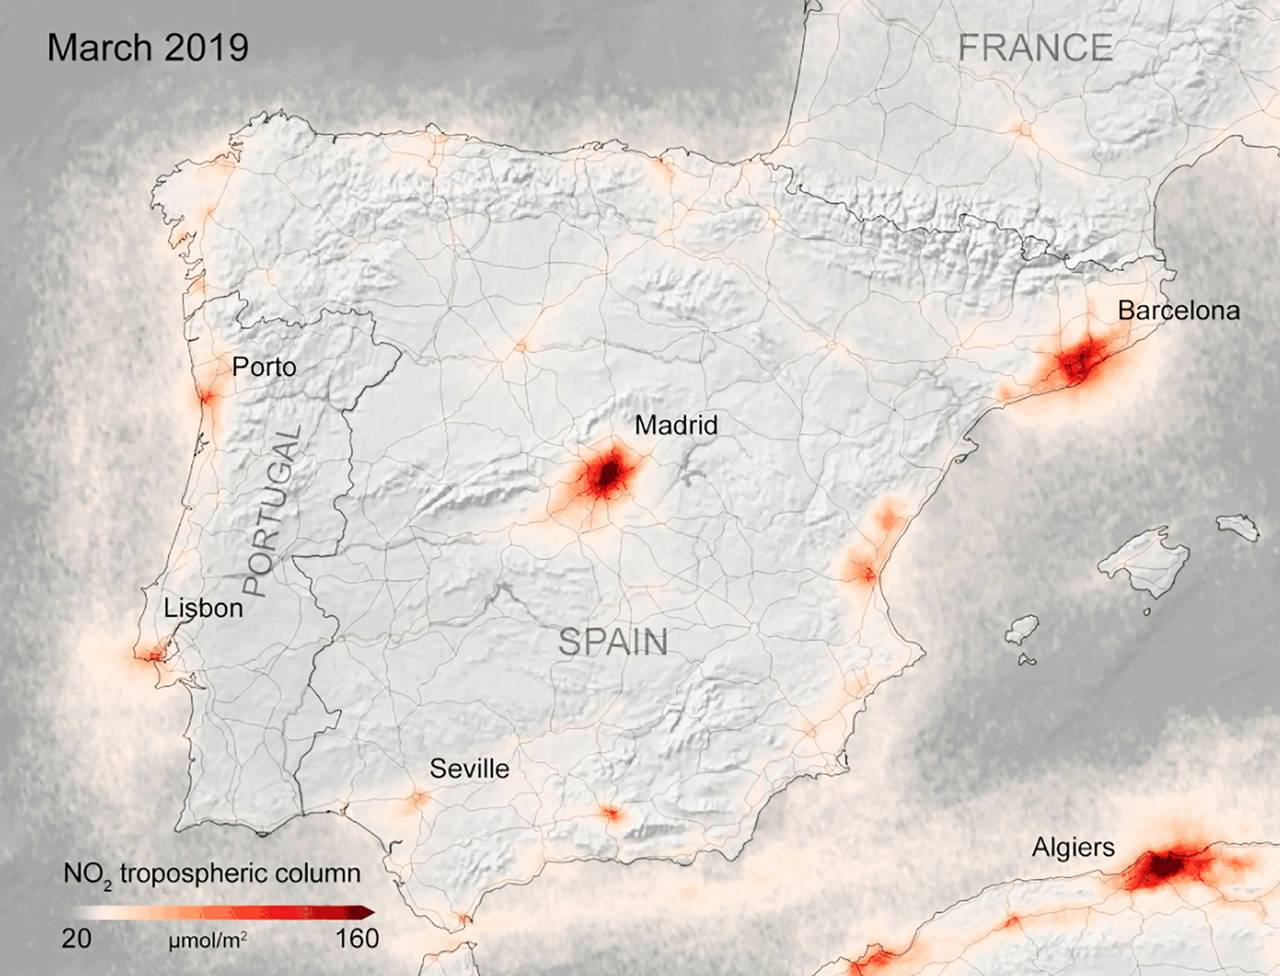 Kart fra ESA som viser konsentrasjonen av NOx-gasser i Spania i mars 2019.